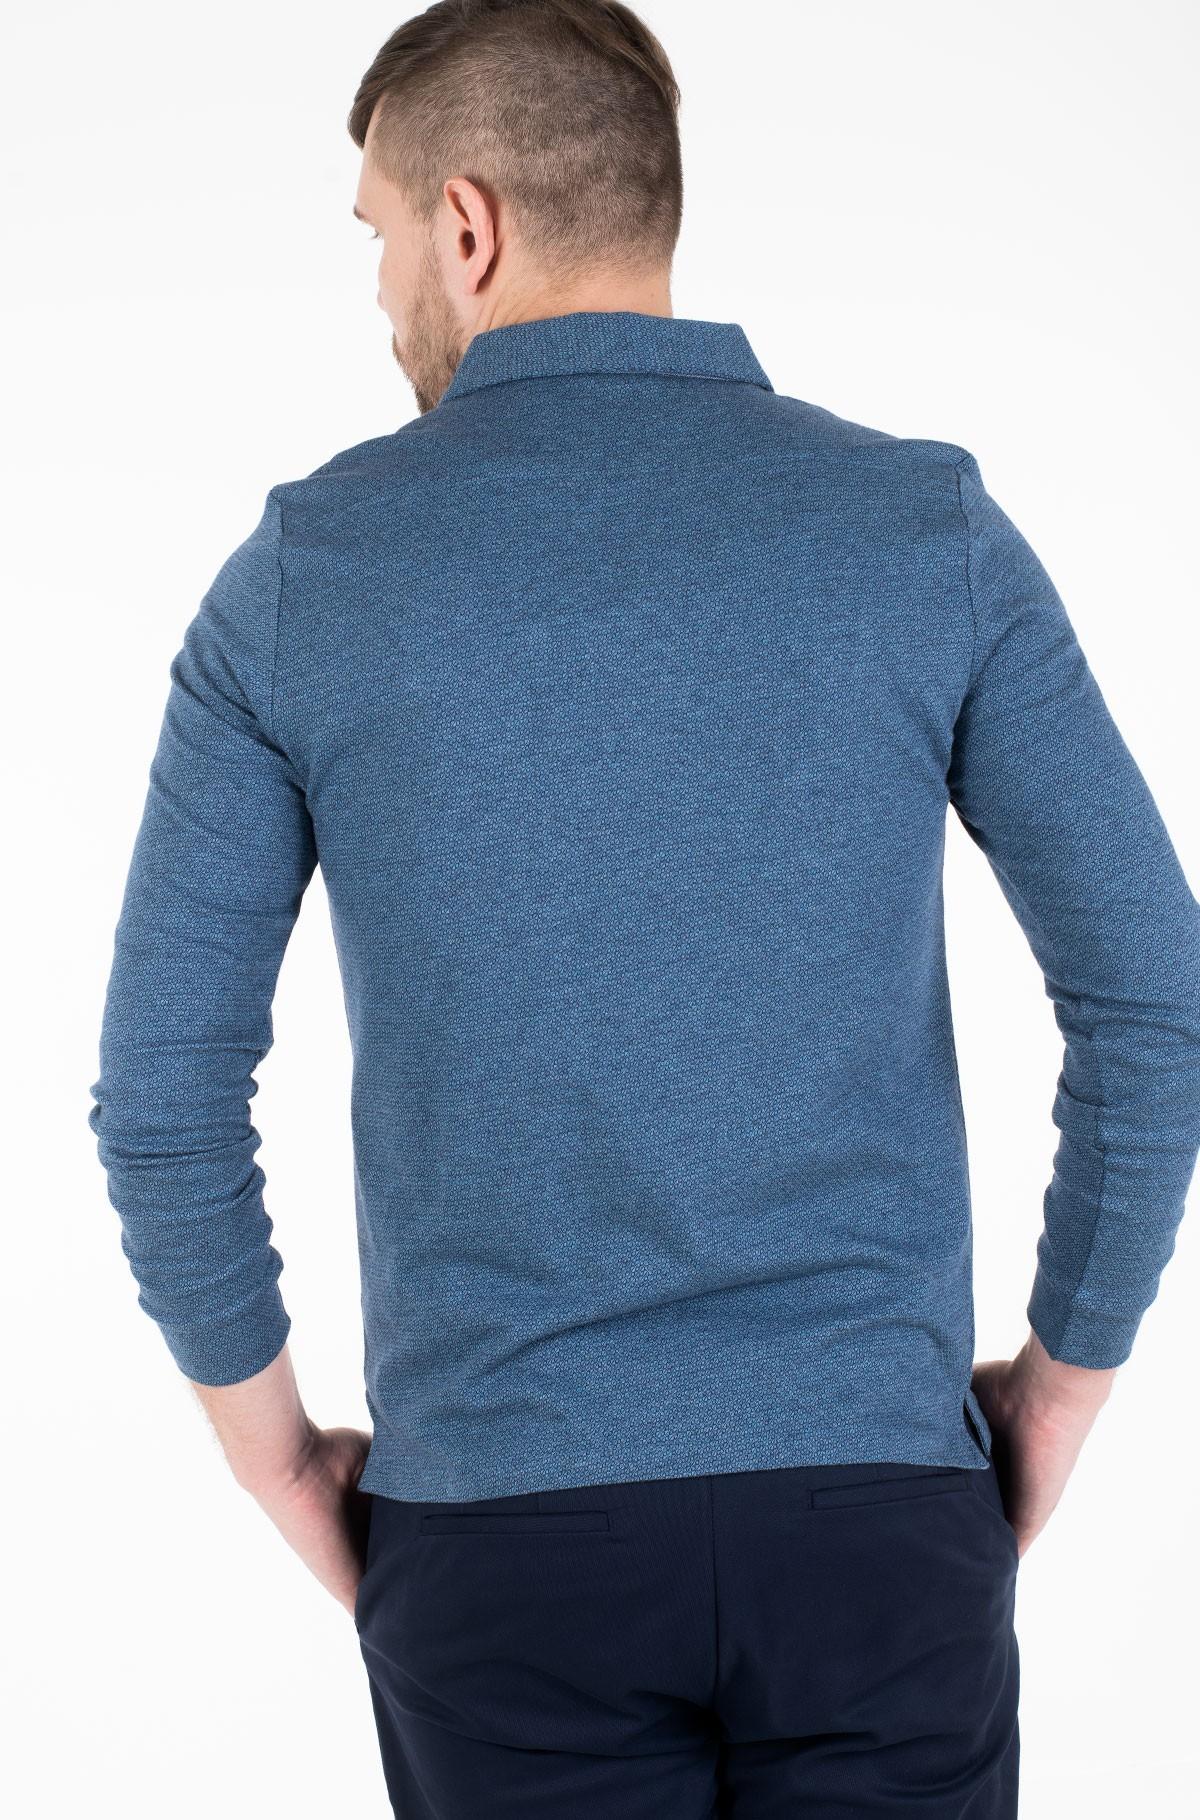 Long sleeved t-shirt 53894-01323-full-2